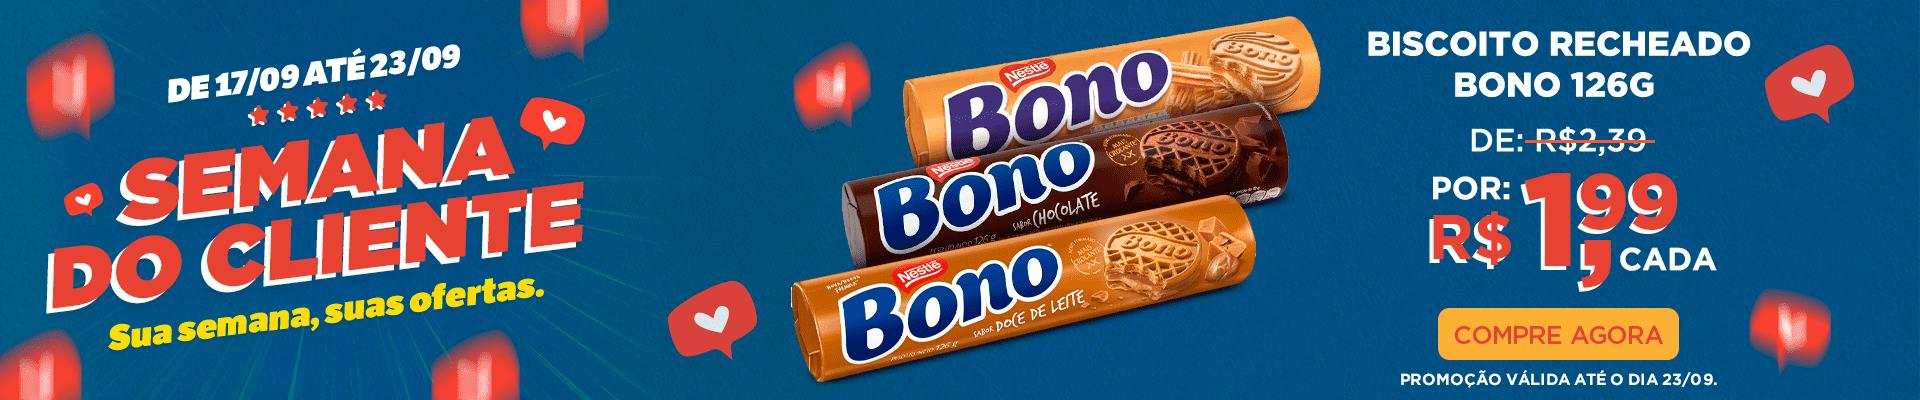 Veja / Bono